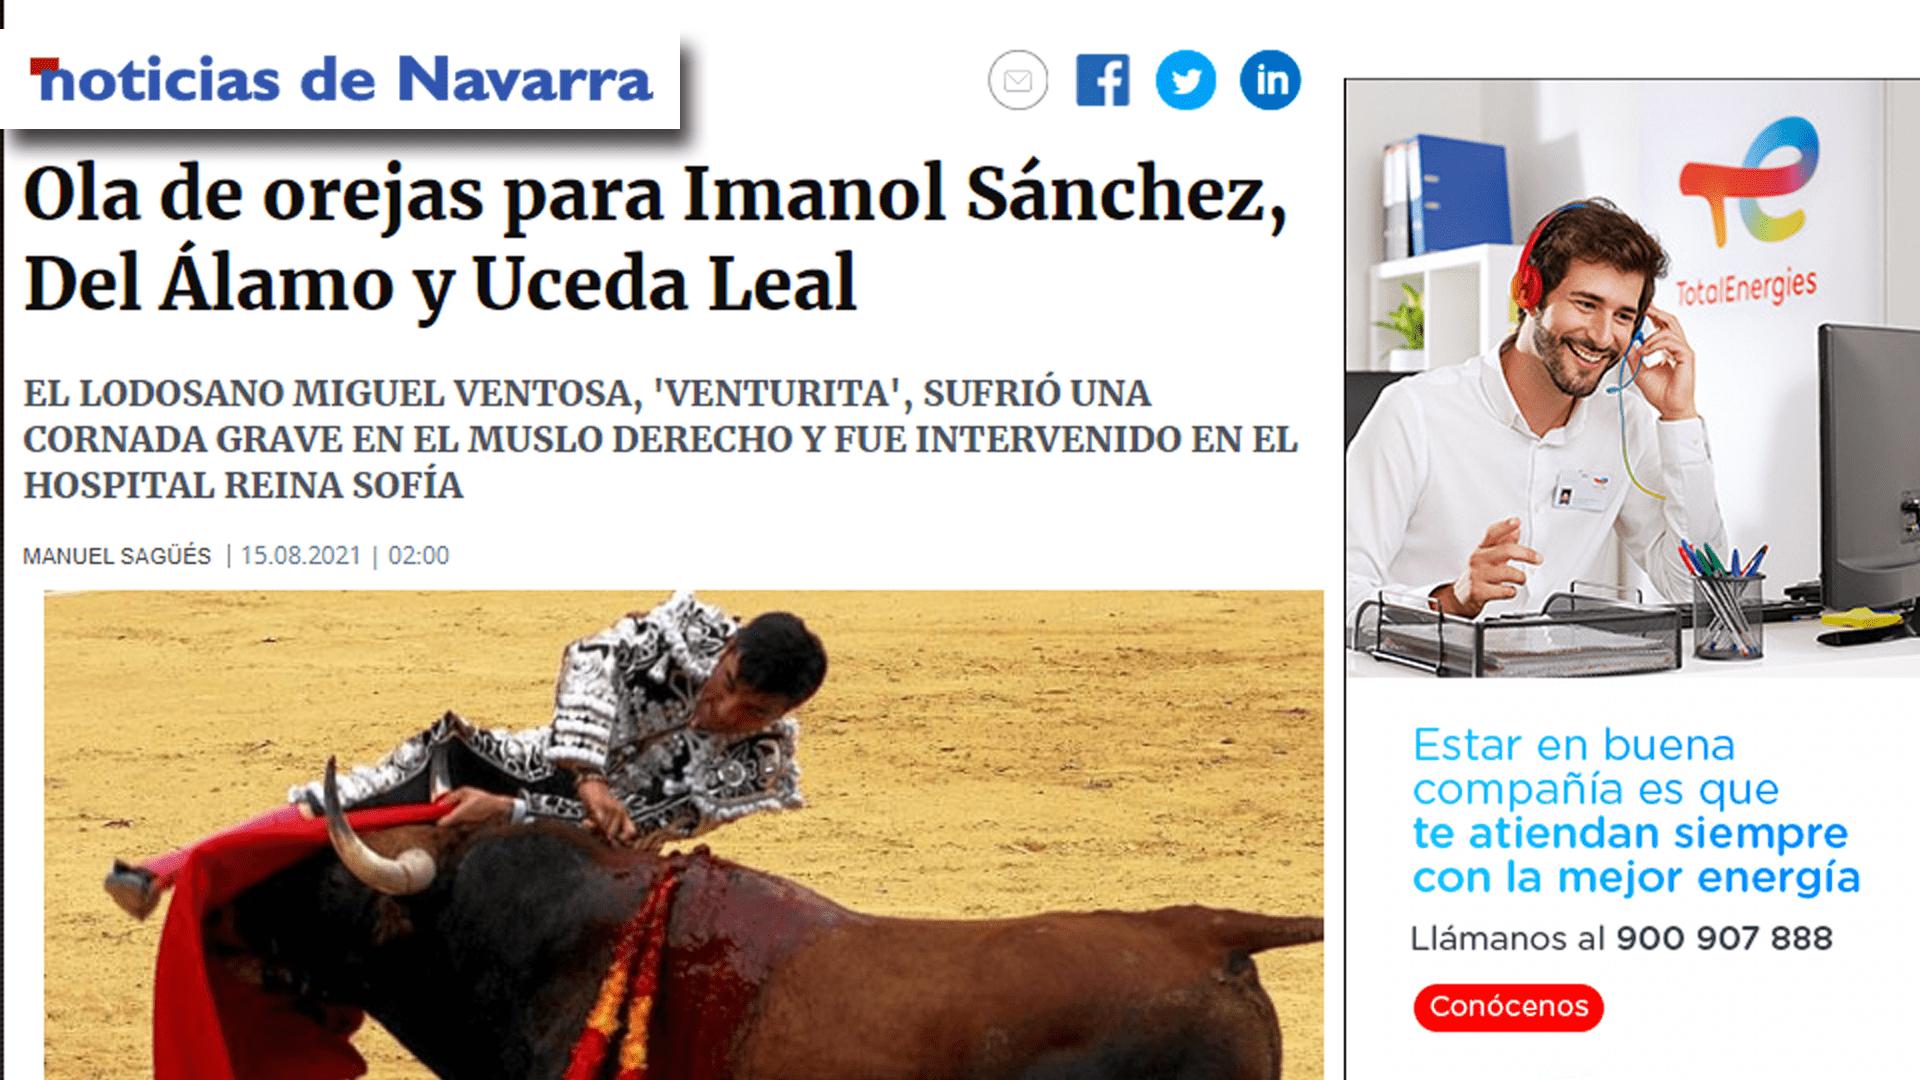 Imanol Sánchez Puert Grande Tudela Portada Diario de Noticias-min